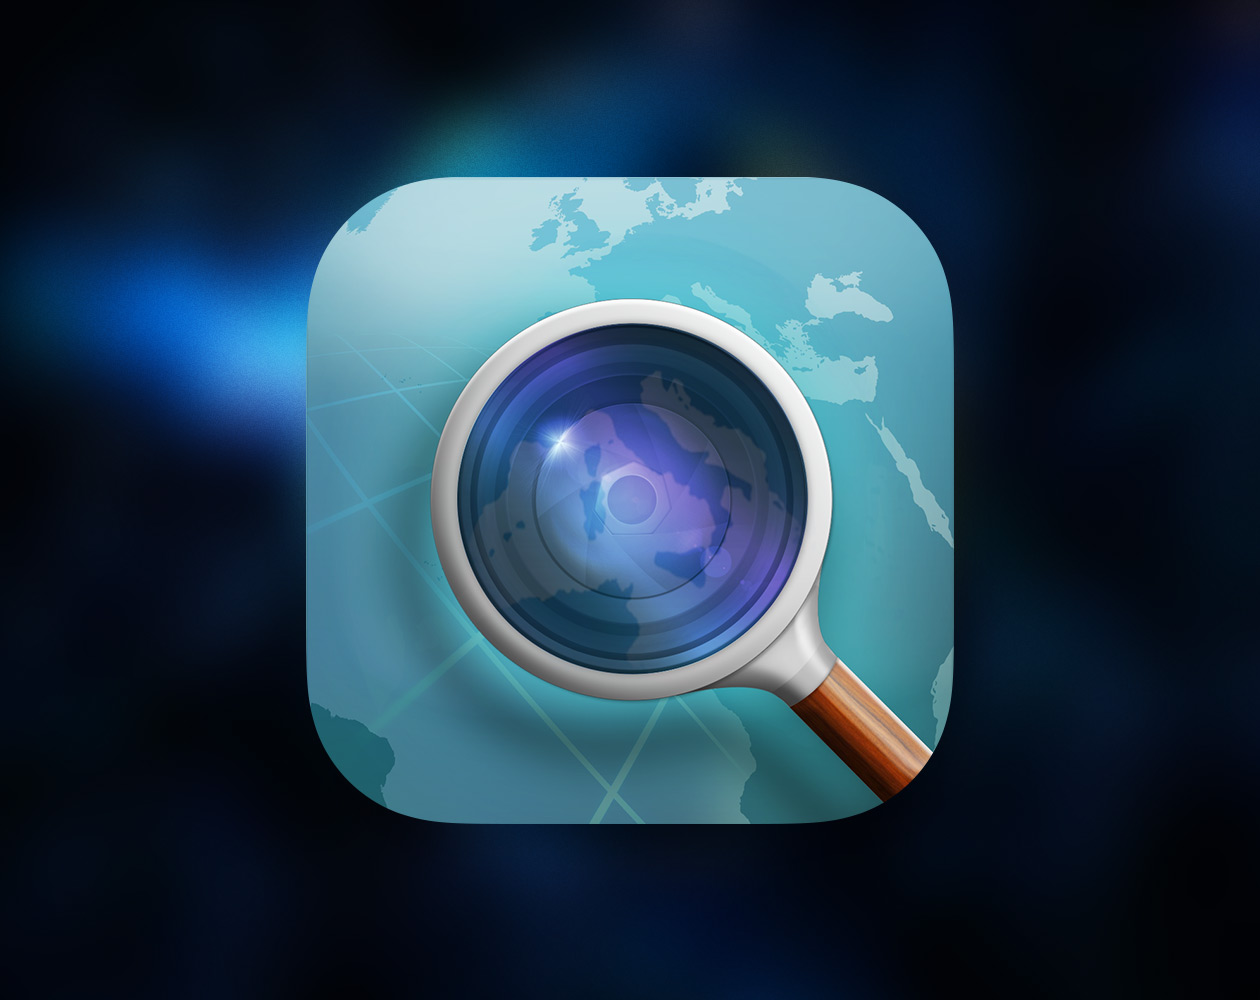 Camfind для iOS: Определяем и ищем в интернете предметы по фотографии